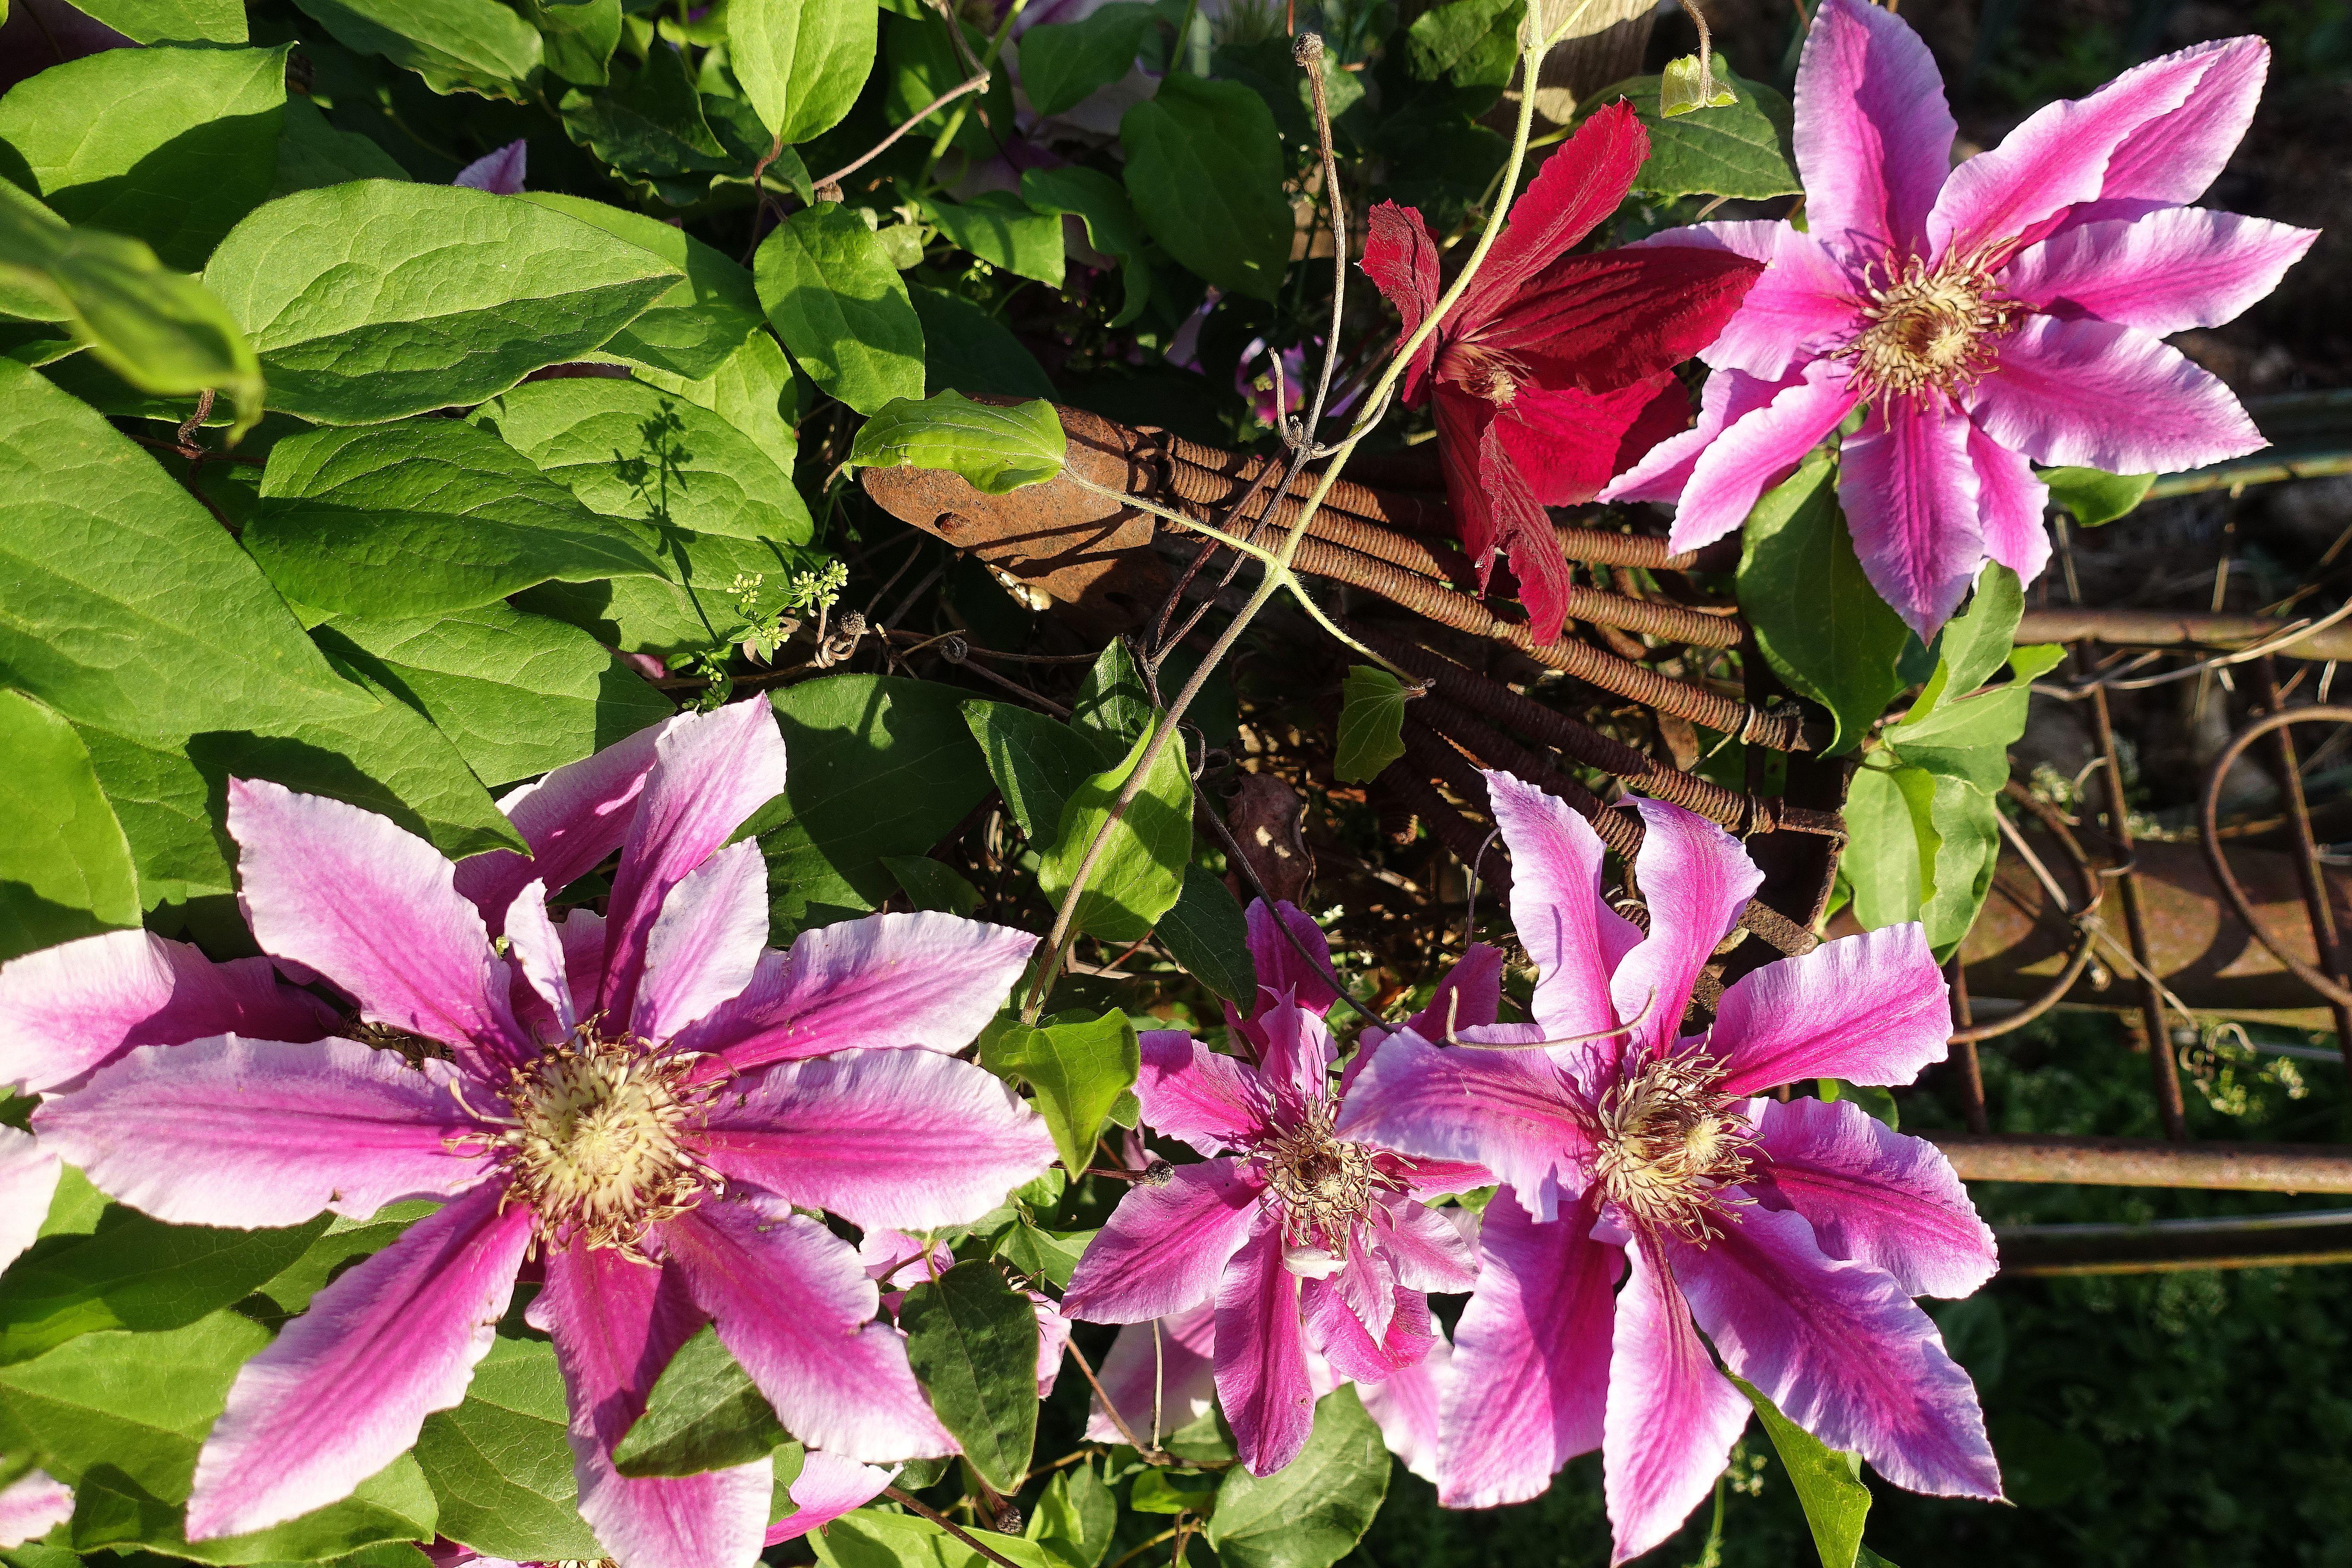 Närbild på rosa stora blommor över en rostig gammal cykelsadel. Pink clematis on and old, rusty bike.